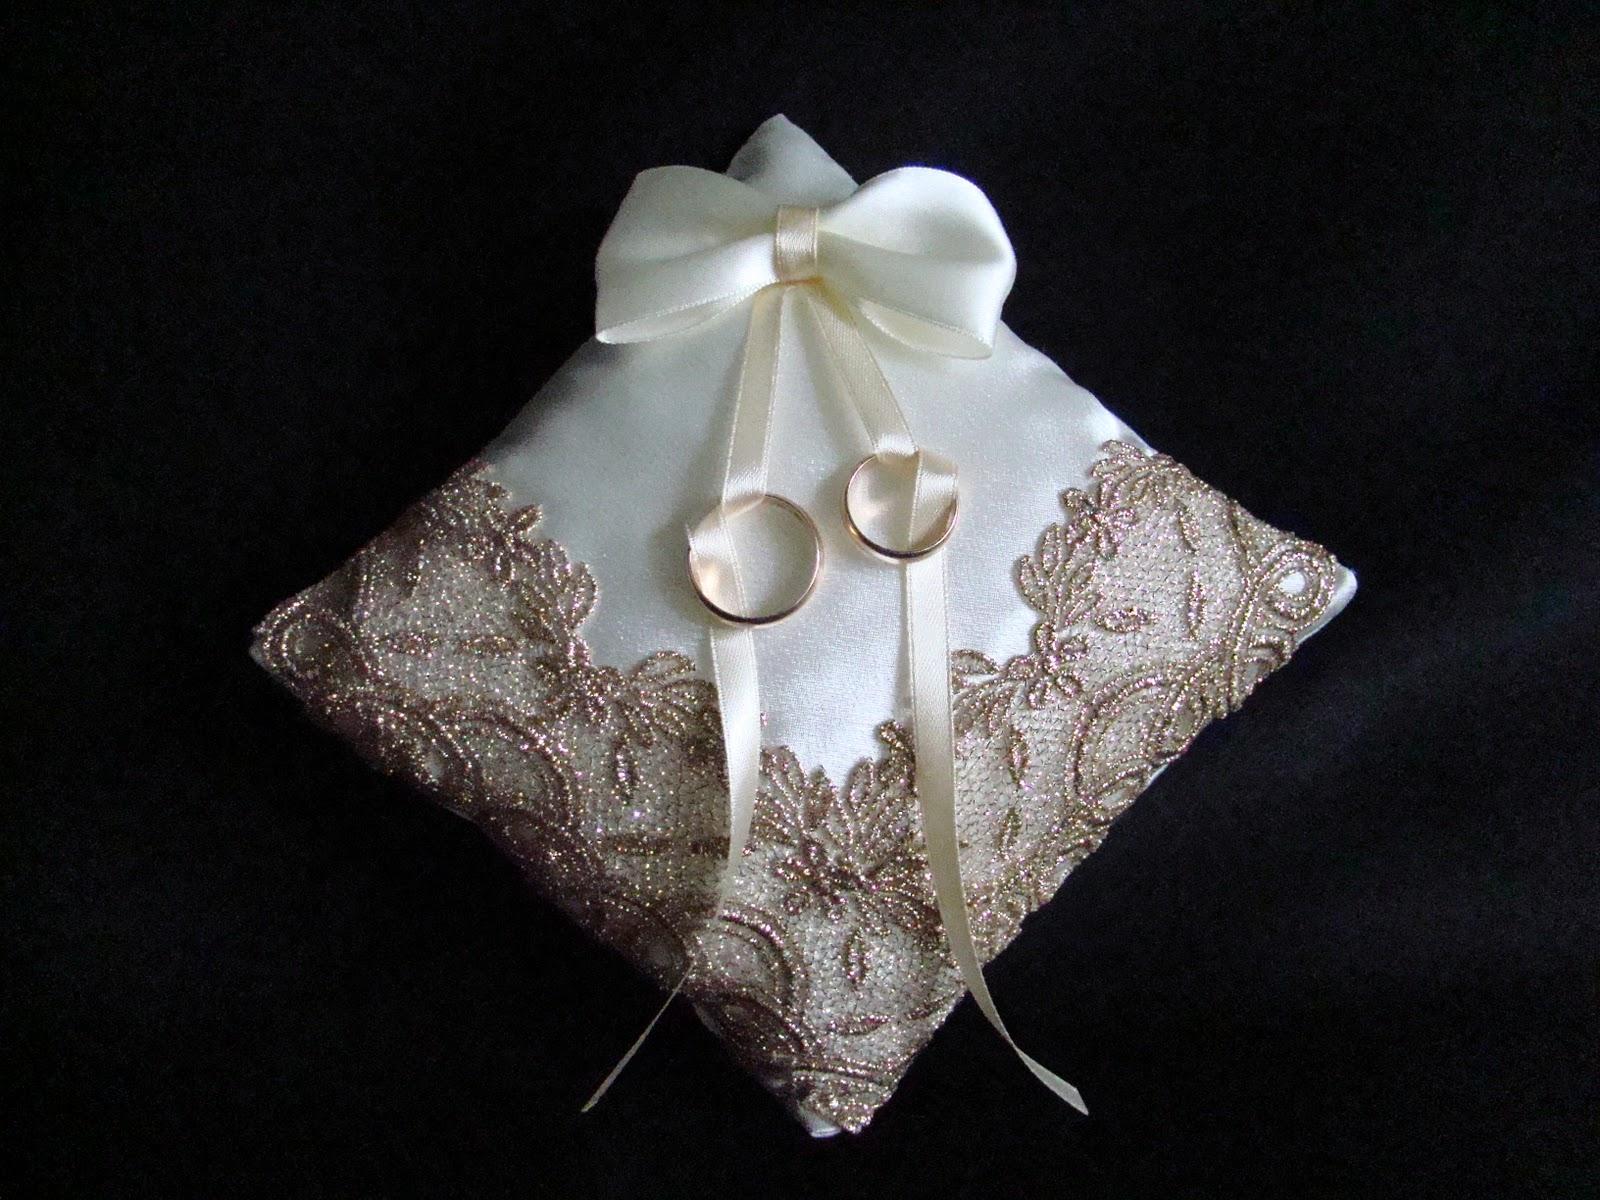 Как сделать подушечку для колец на свадьбу своими руками пошагово фото фото 795